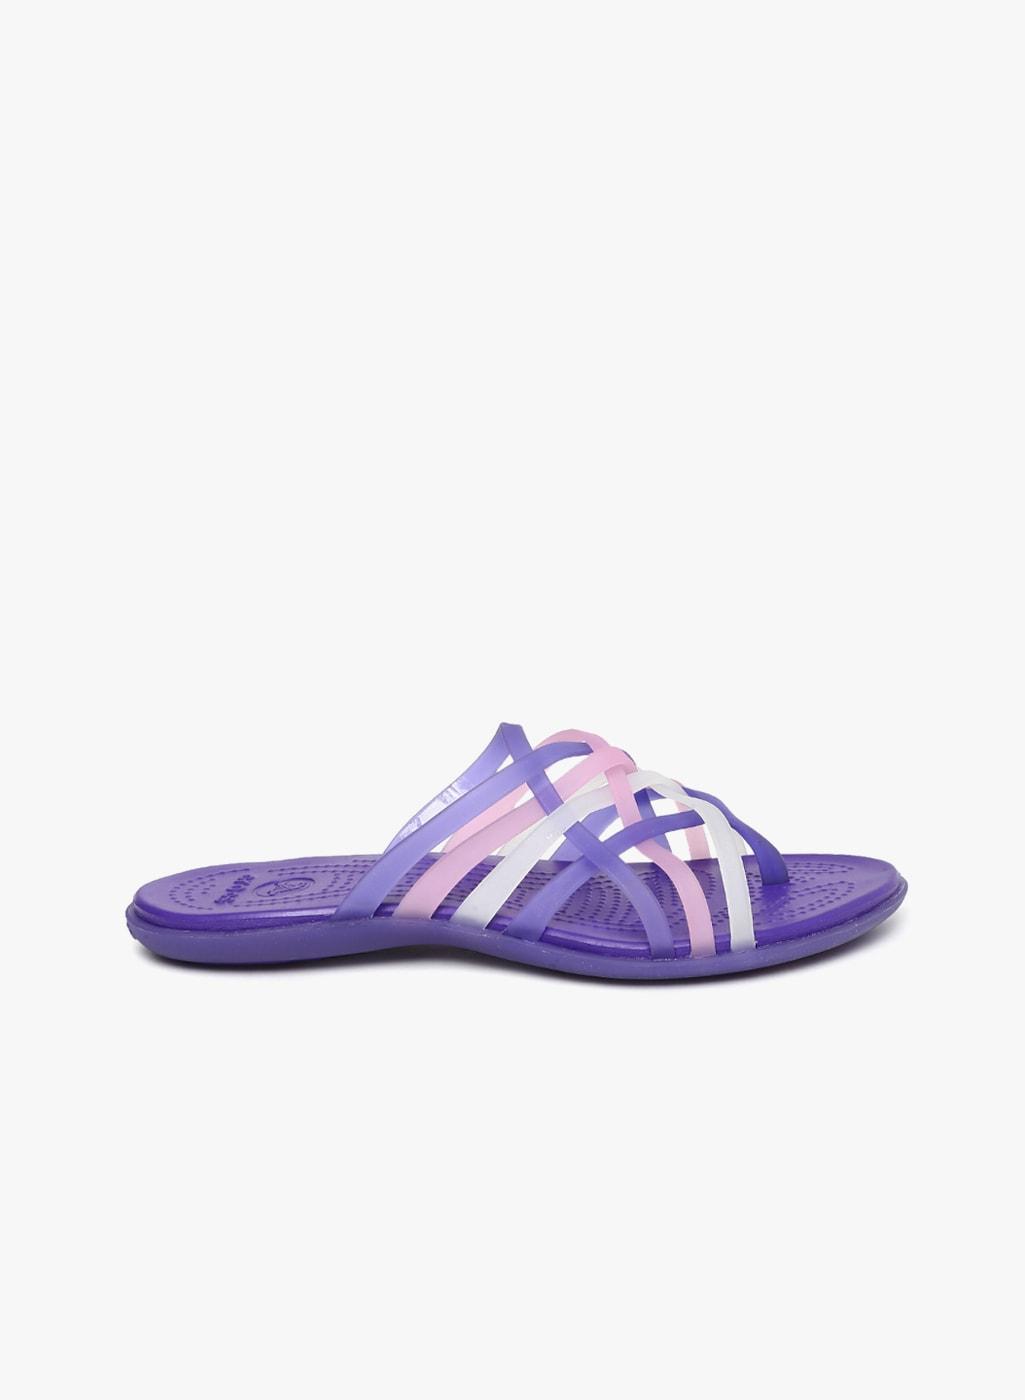 f5b9872e01fd Purple Women Flip Flops Crocs - Buy Purple Women Flip Flops Crocs online in  India - Jabong